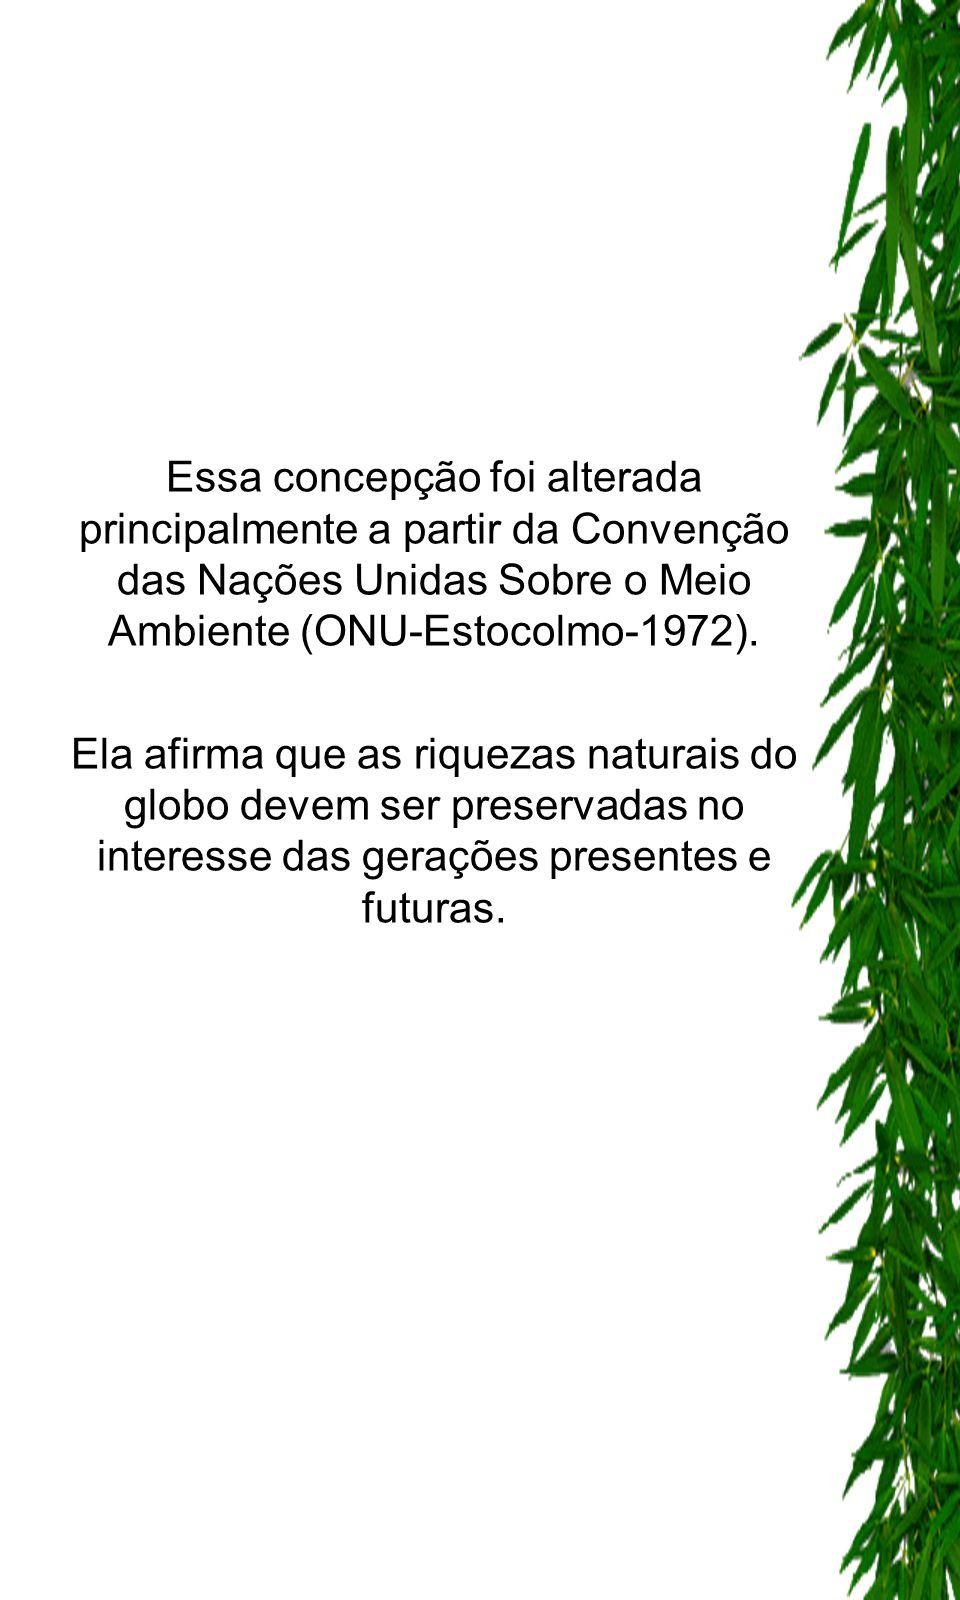 Essa concepção foi alterada principalmente a partir da Convenção das Nações Unidas Sobre o Meio Ambiente (ONU-Estocolmo-1972). Ela afirma que as rique